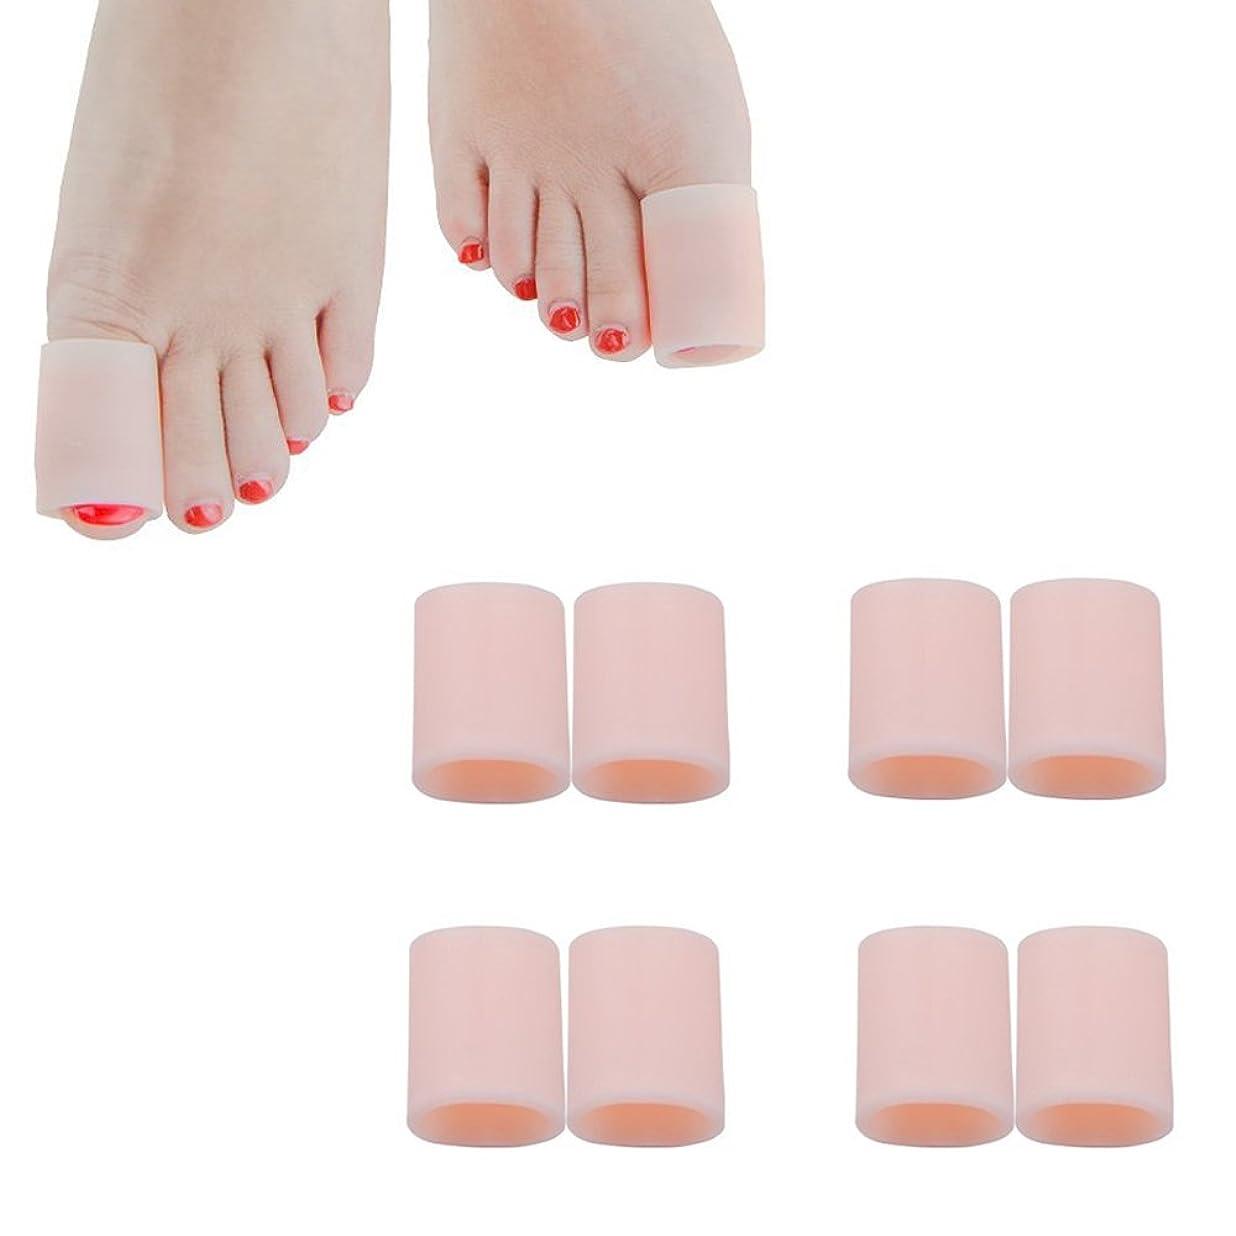 祝福する億予測する足指保護キャップ つま先プロテクター 足先のつめ保護キャップ シリコン (肌の色, 4組の大きなゲル)